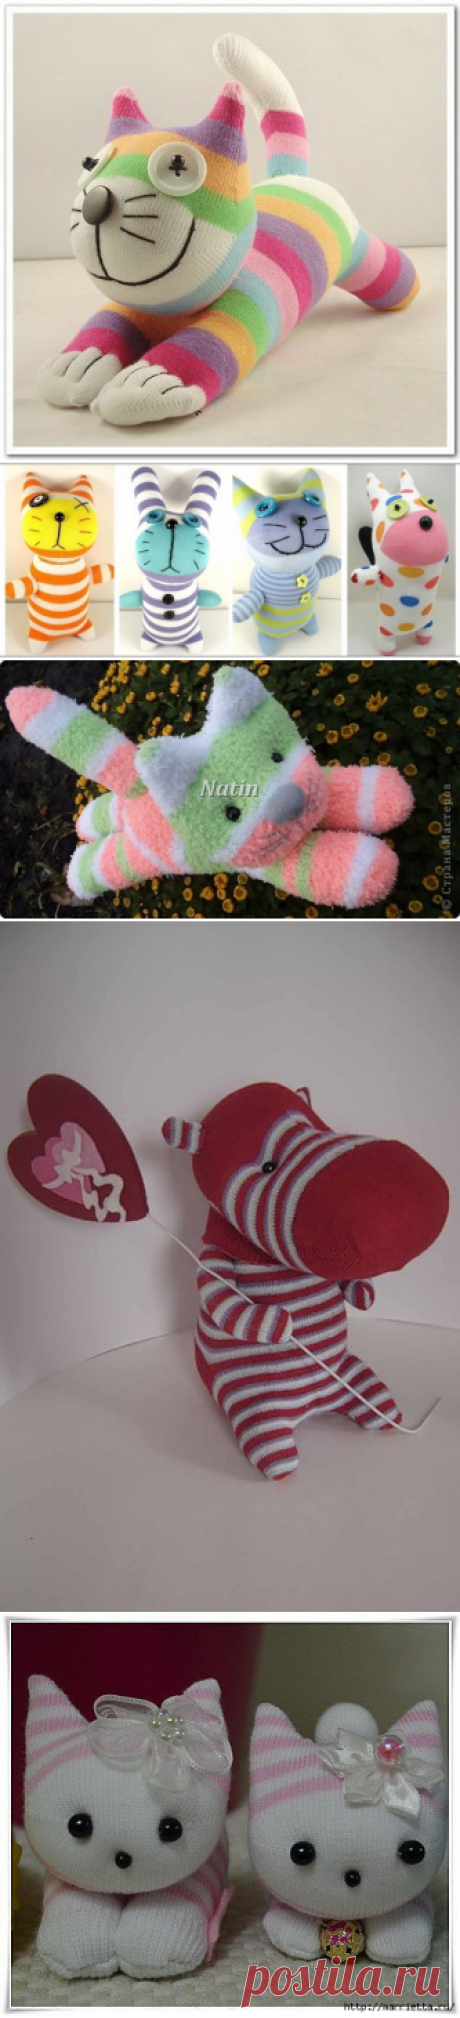 Игрушки из носков. Много.